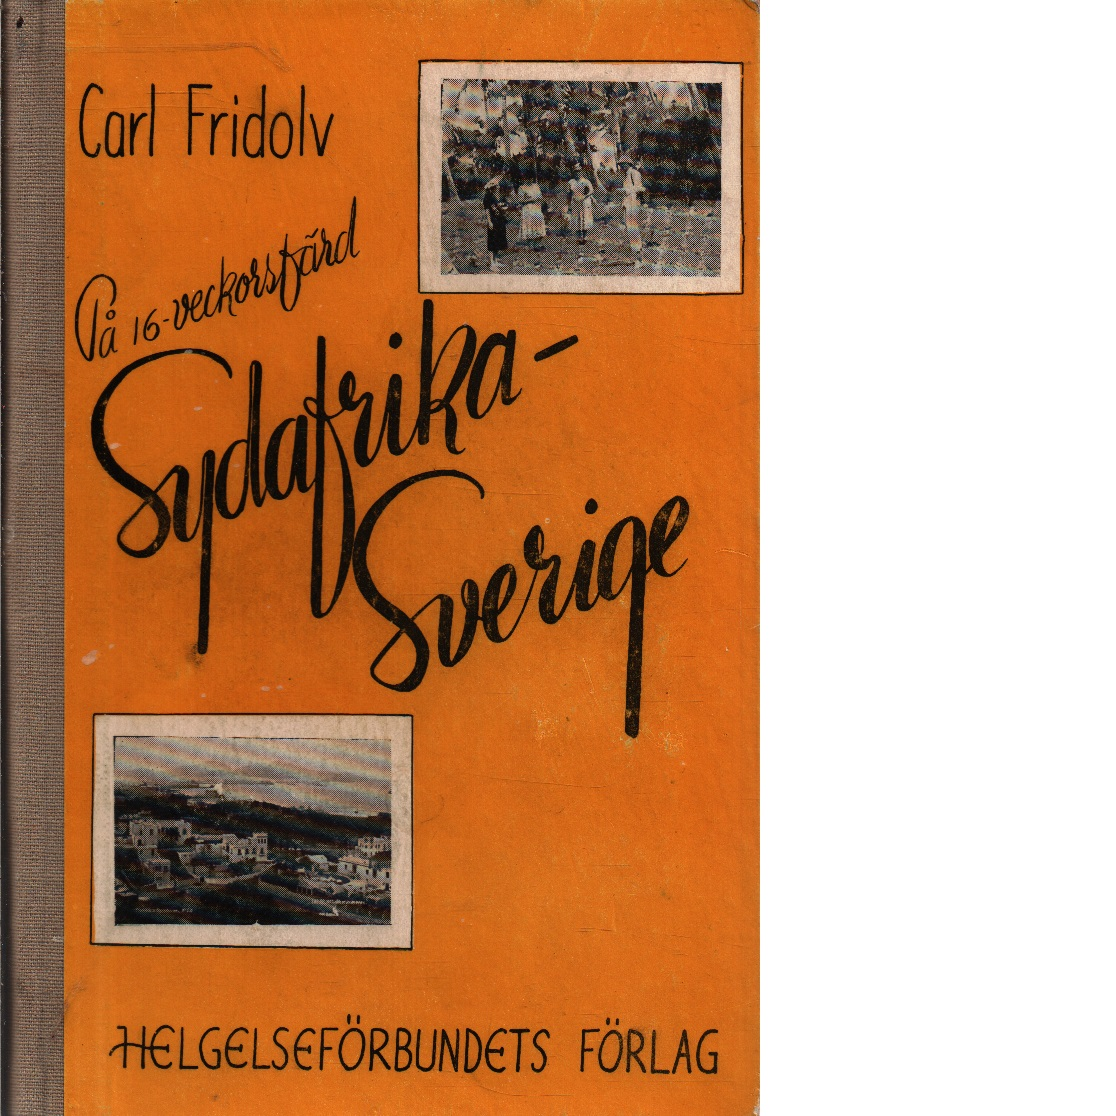 På 16-veckorsfärd Sydafrika-Sverige. - Fridolv, Carl